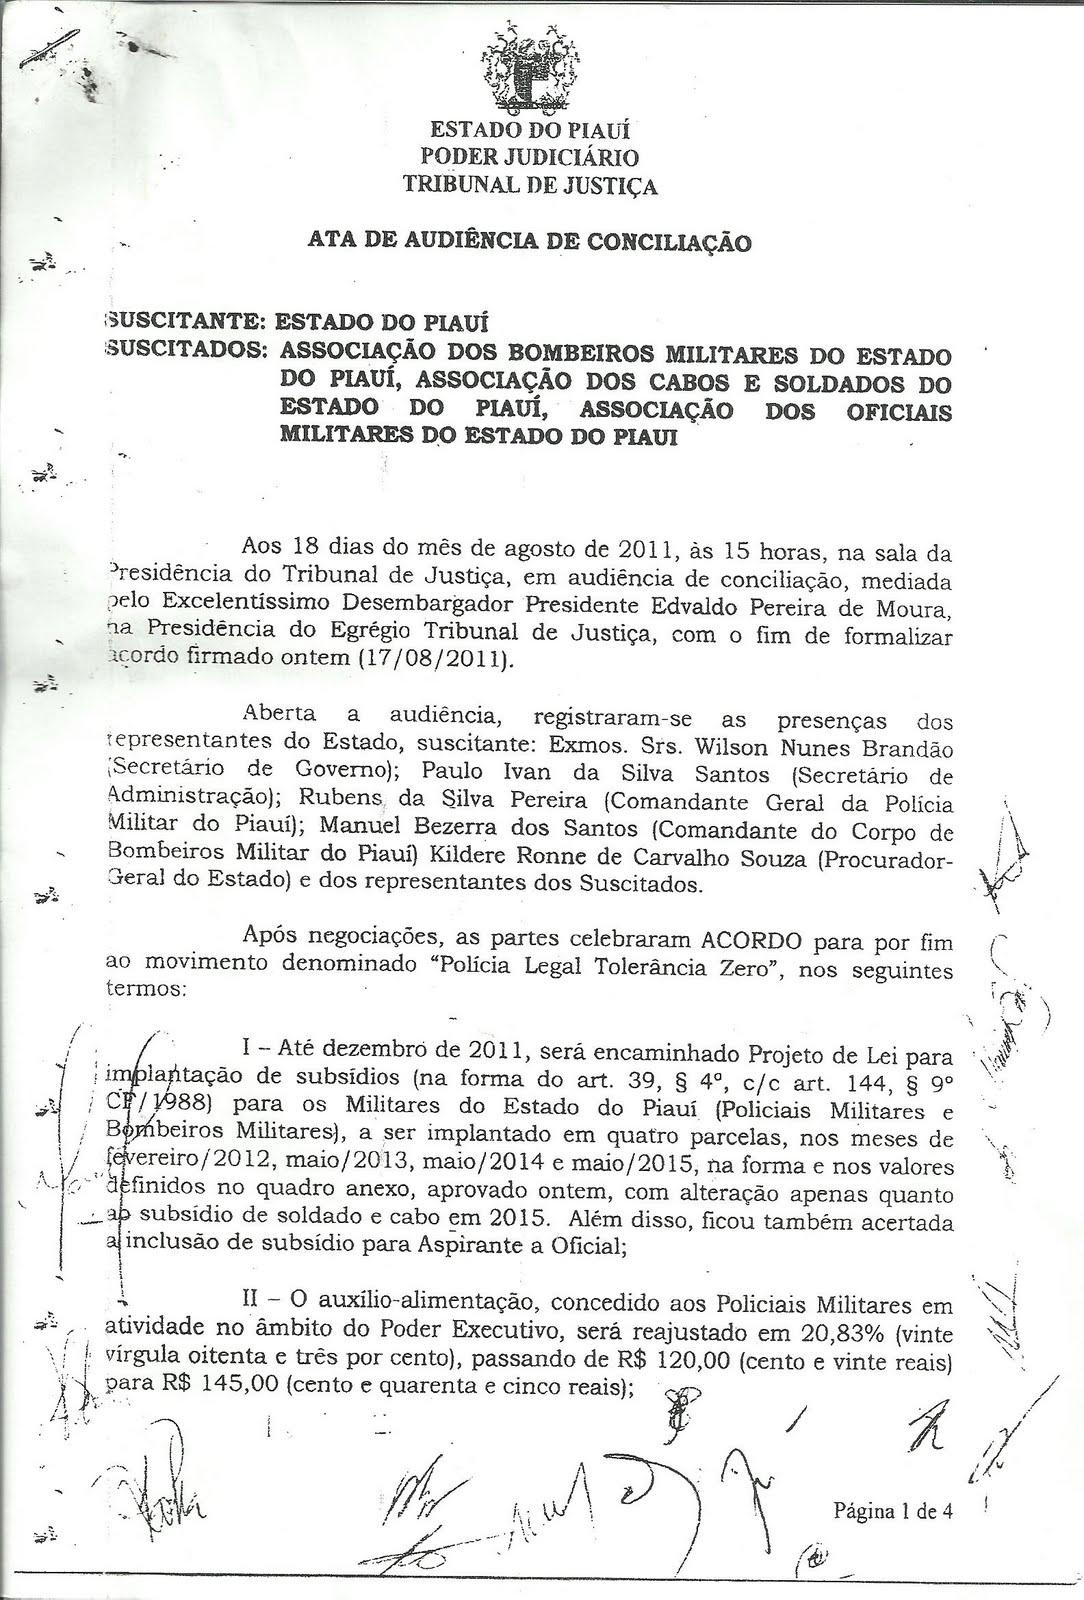 RABULA MILITAR PM: ATA DE AUDIÊNCIA DE CONCILIAÇÃO DO TJ